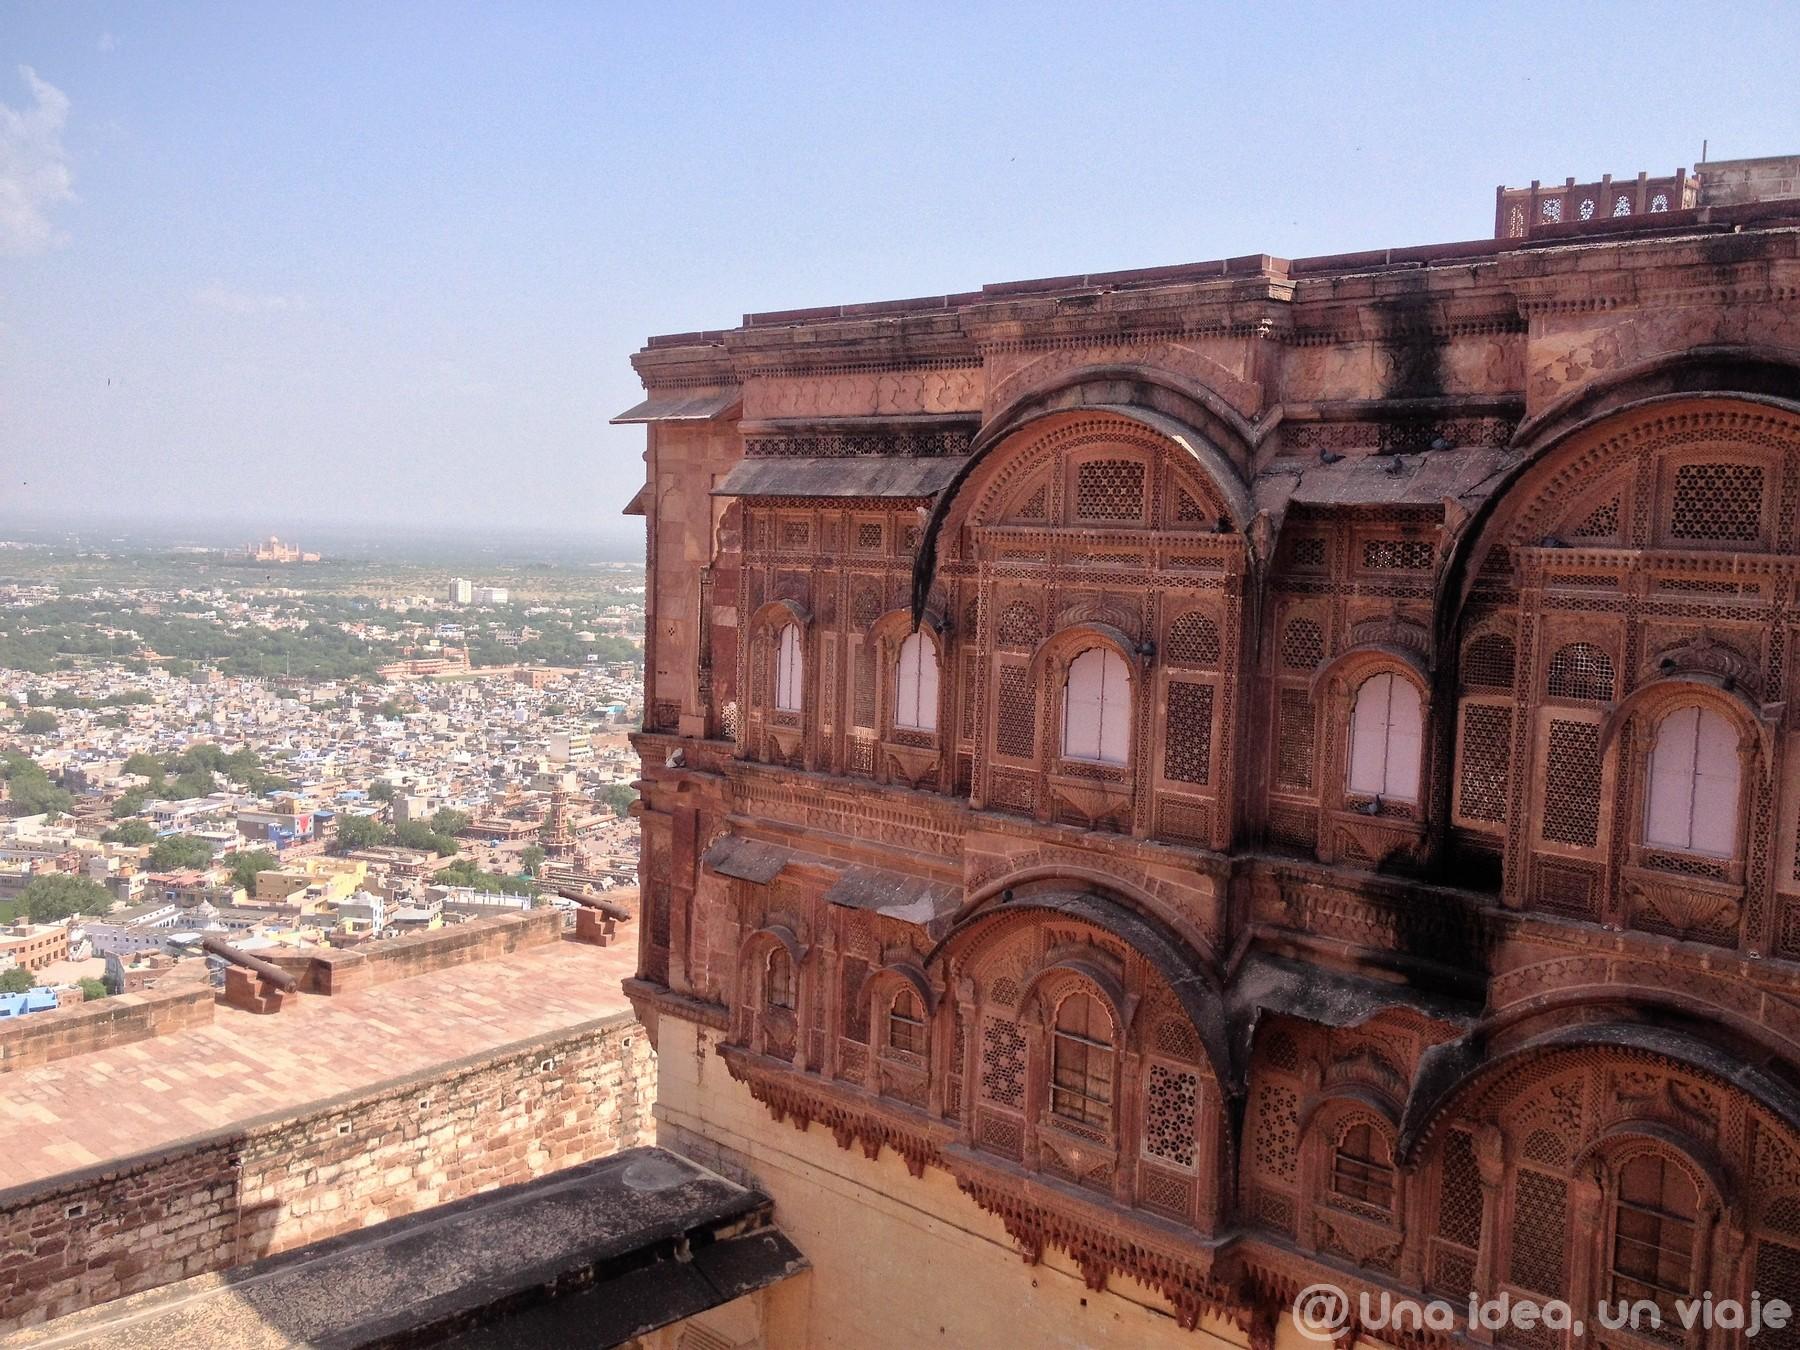 india-rajastan-15-dias-jodhpur-visitar-unaideaunviaje-05